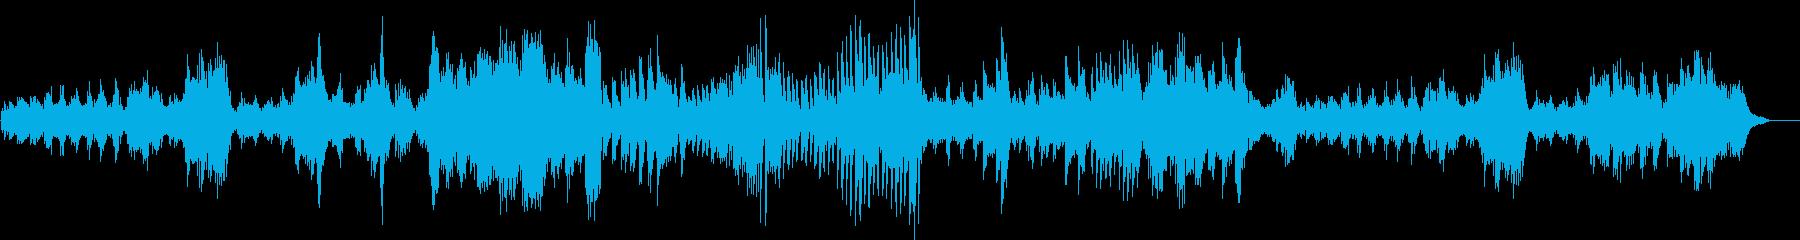 ベートーヴェン :ピアノソナタ 第三楽章の再生済みの波形